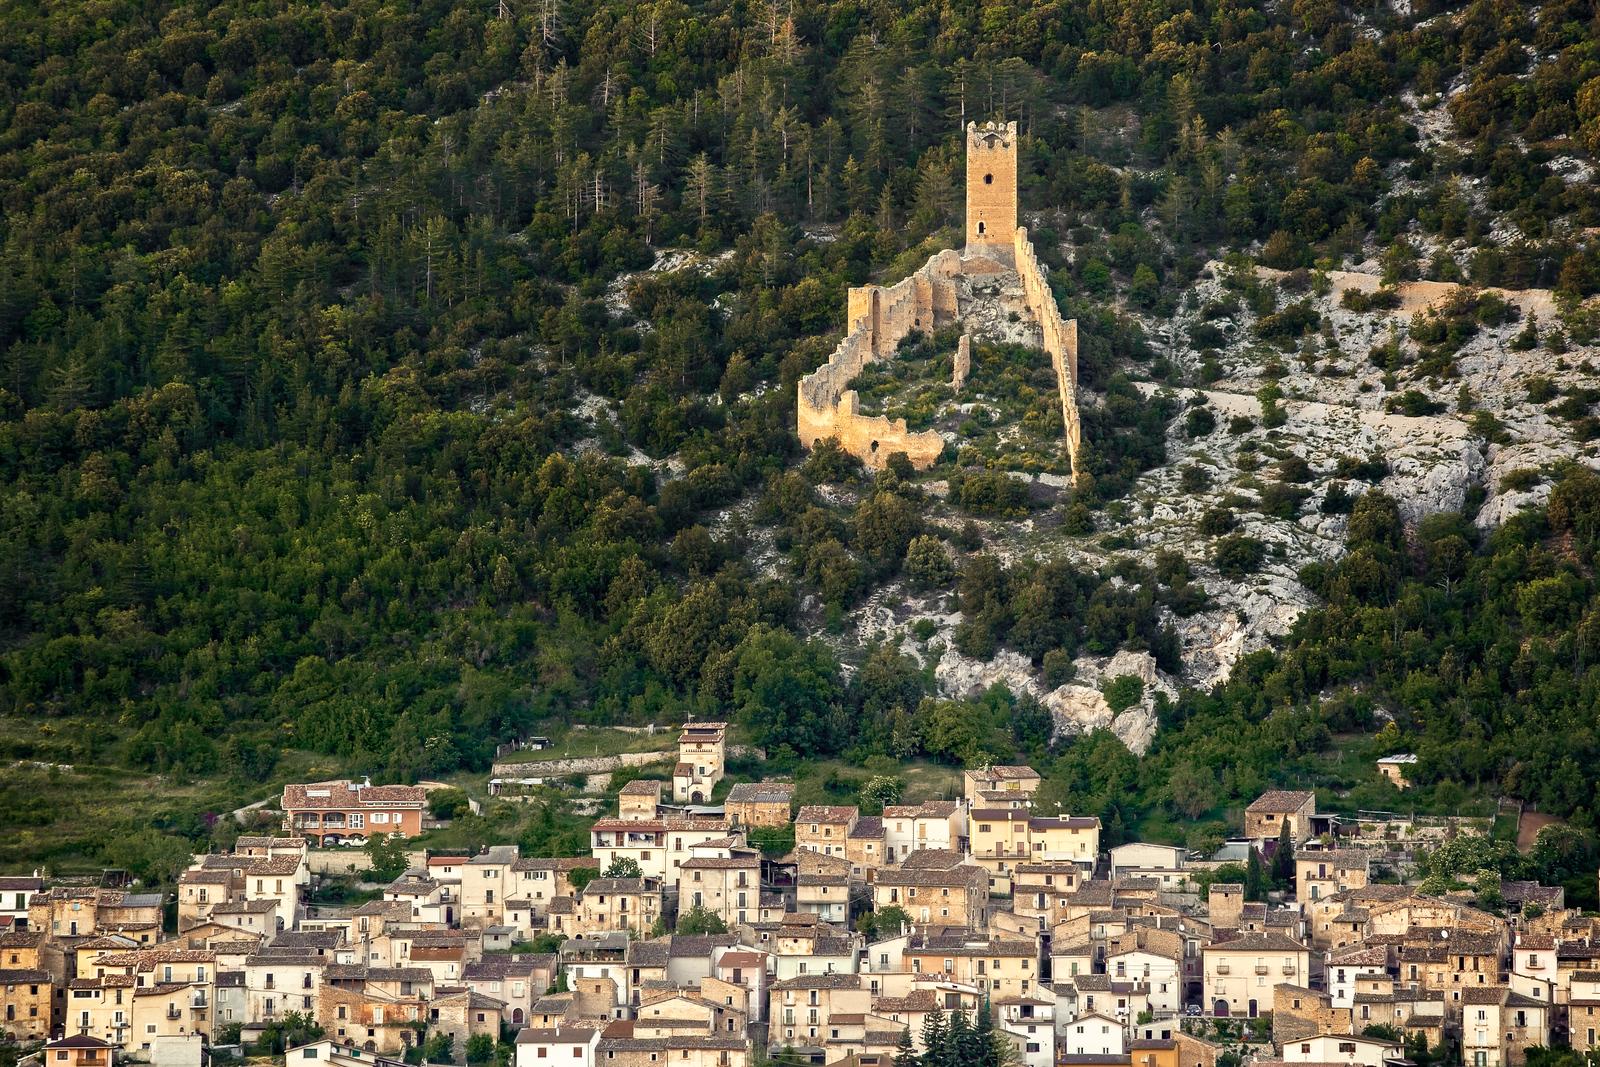 San Pio delle Camere, Abruzzo, Italy 2013